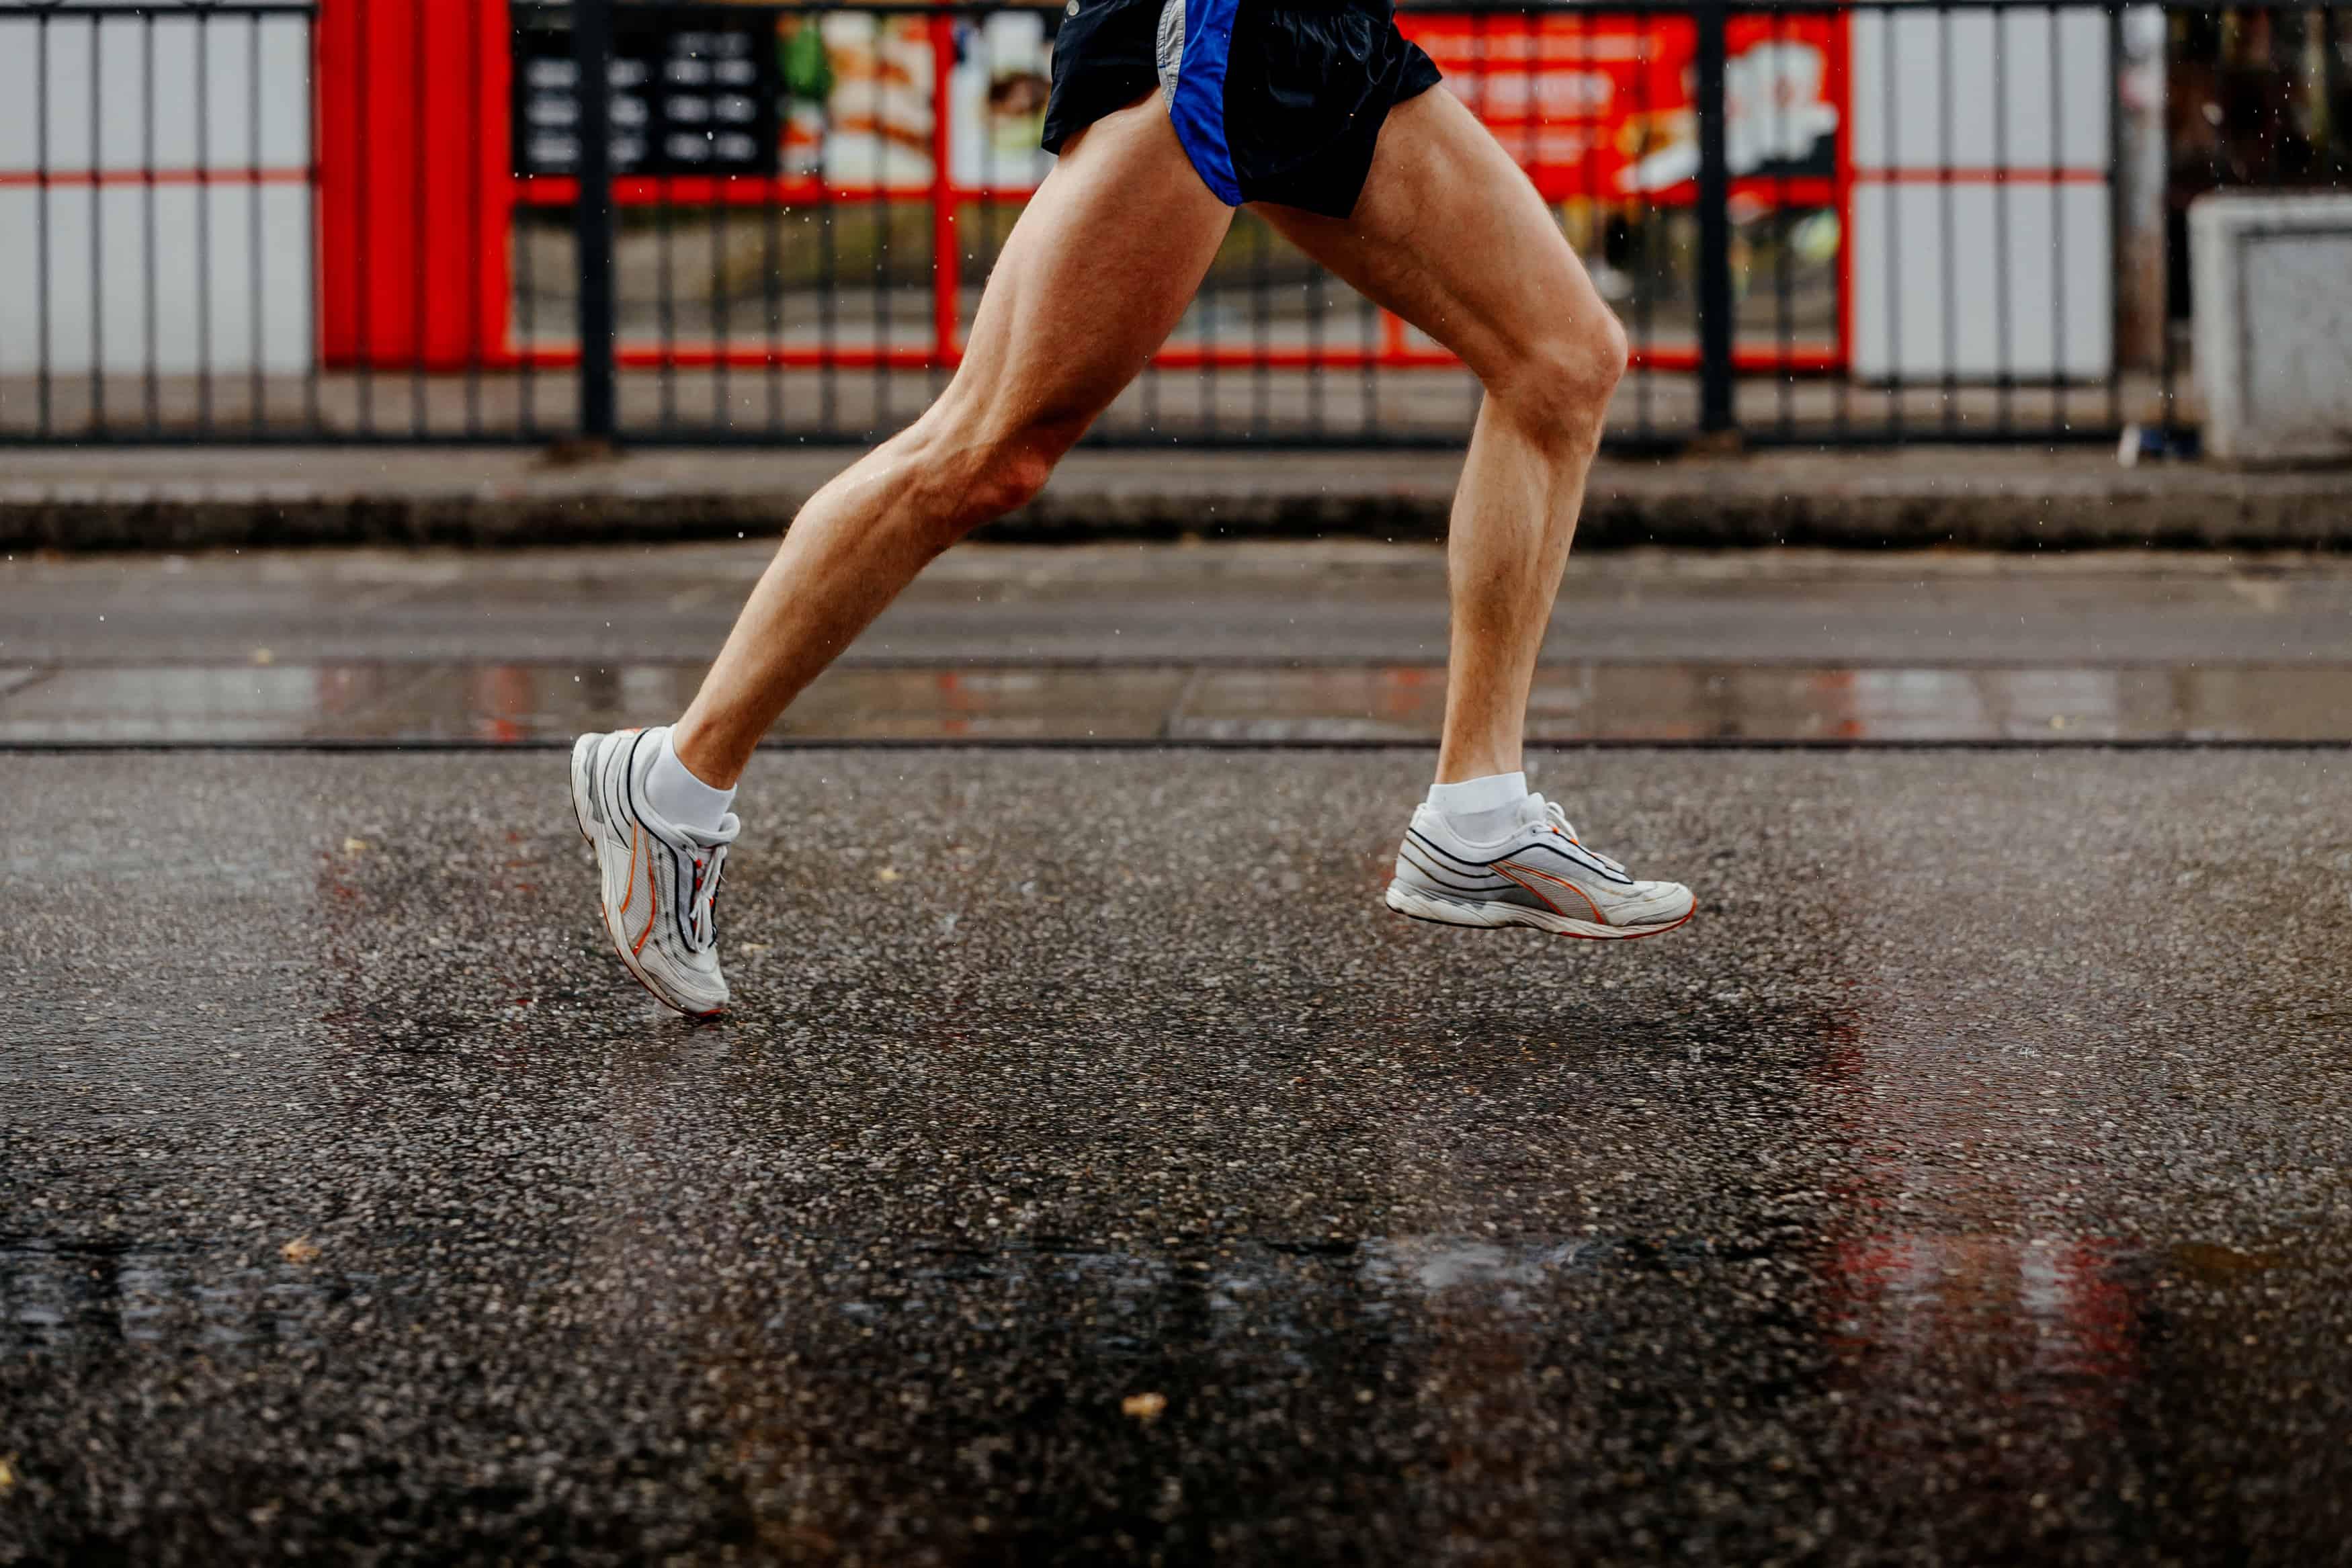 runner's monsoon foot care regime